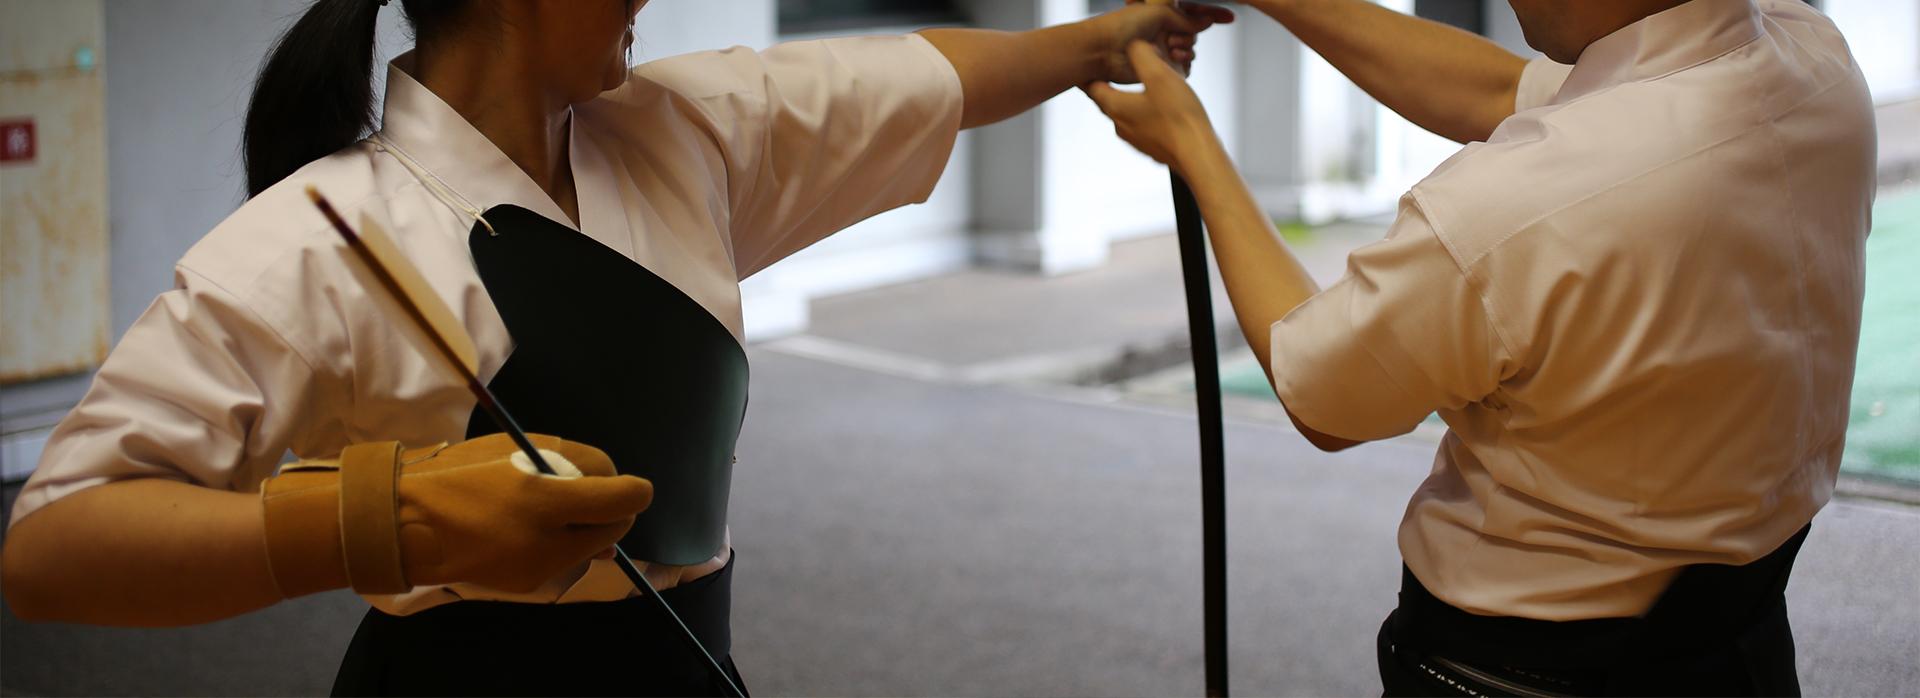 自宅で出来る、弓道自主トレーニング特集イメージ